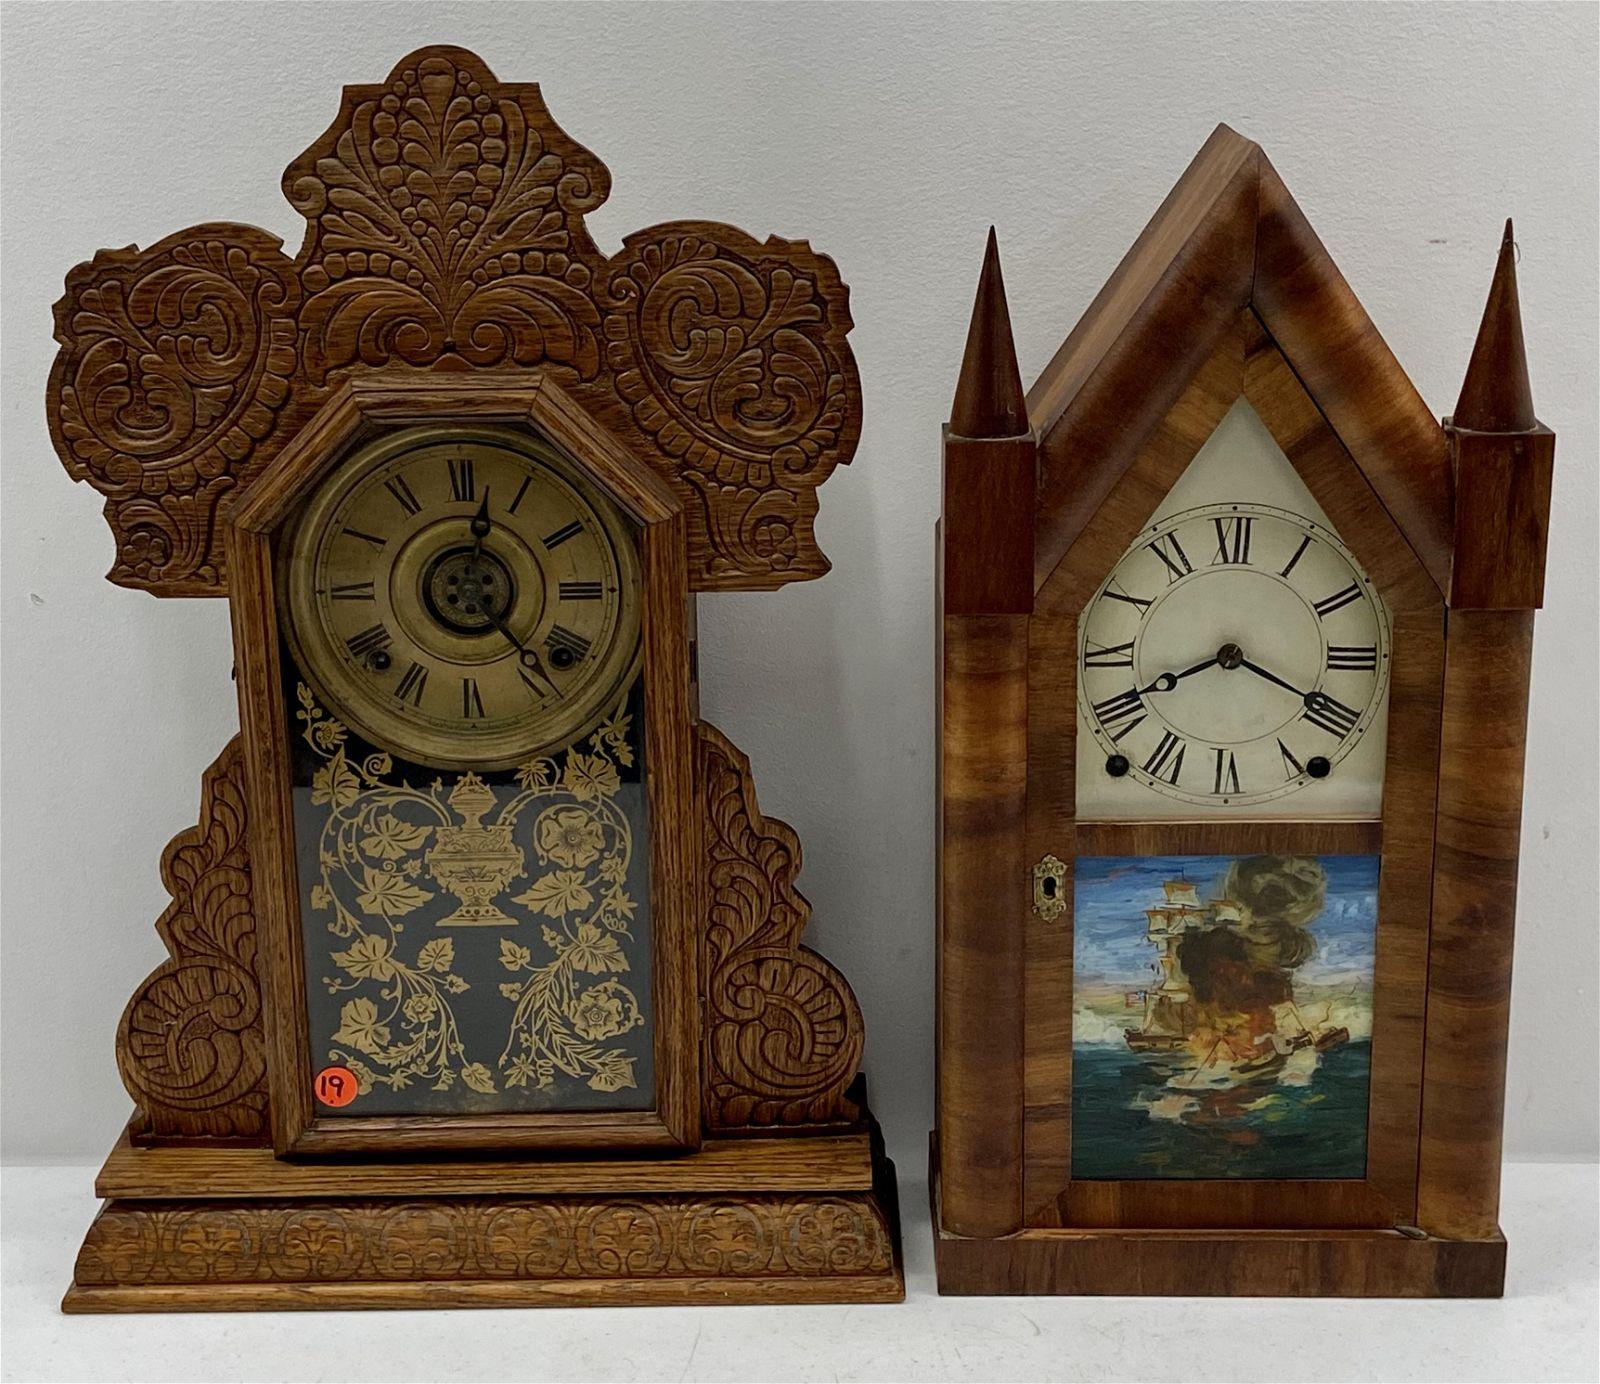 Pair of shelf Clocks, Steeple & Gingerbread